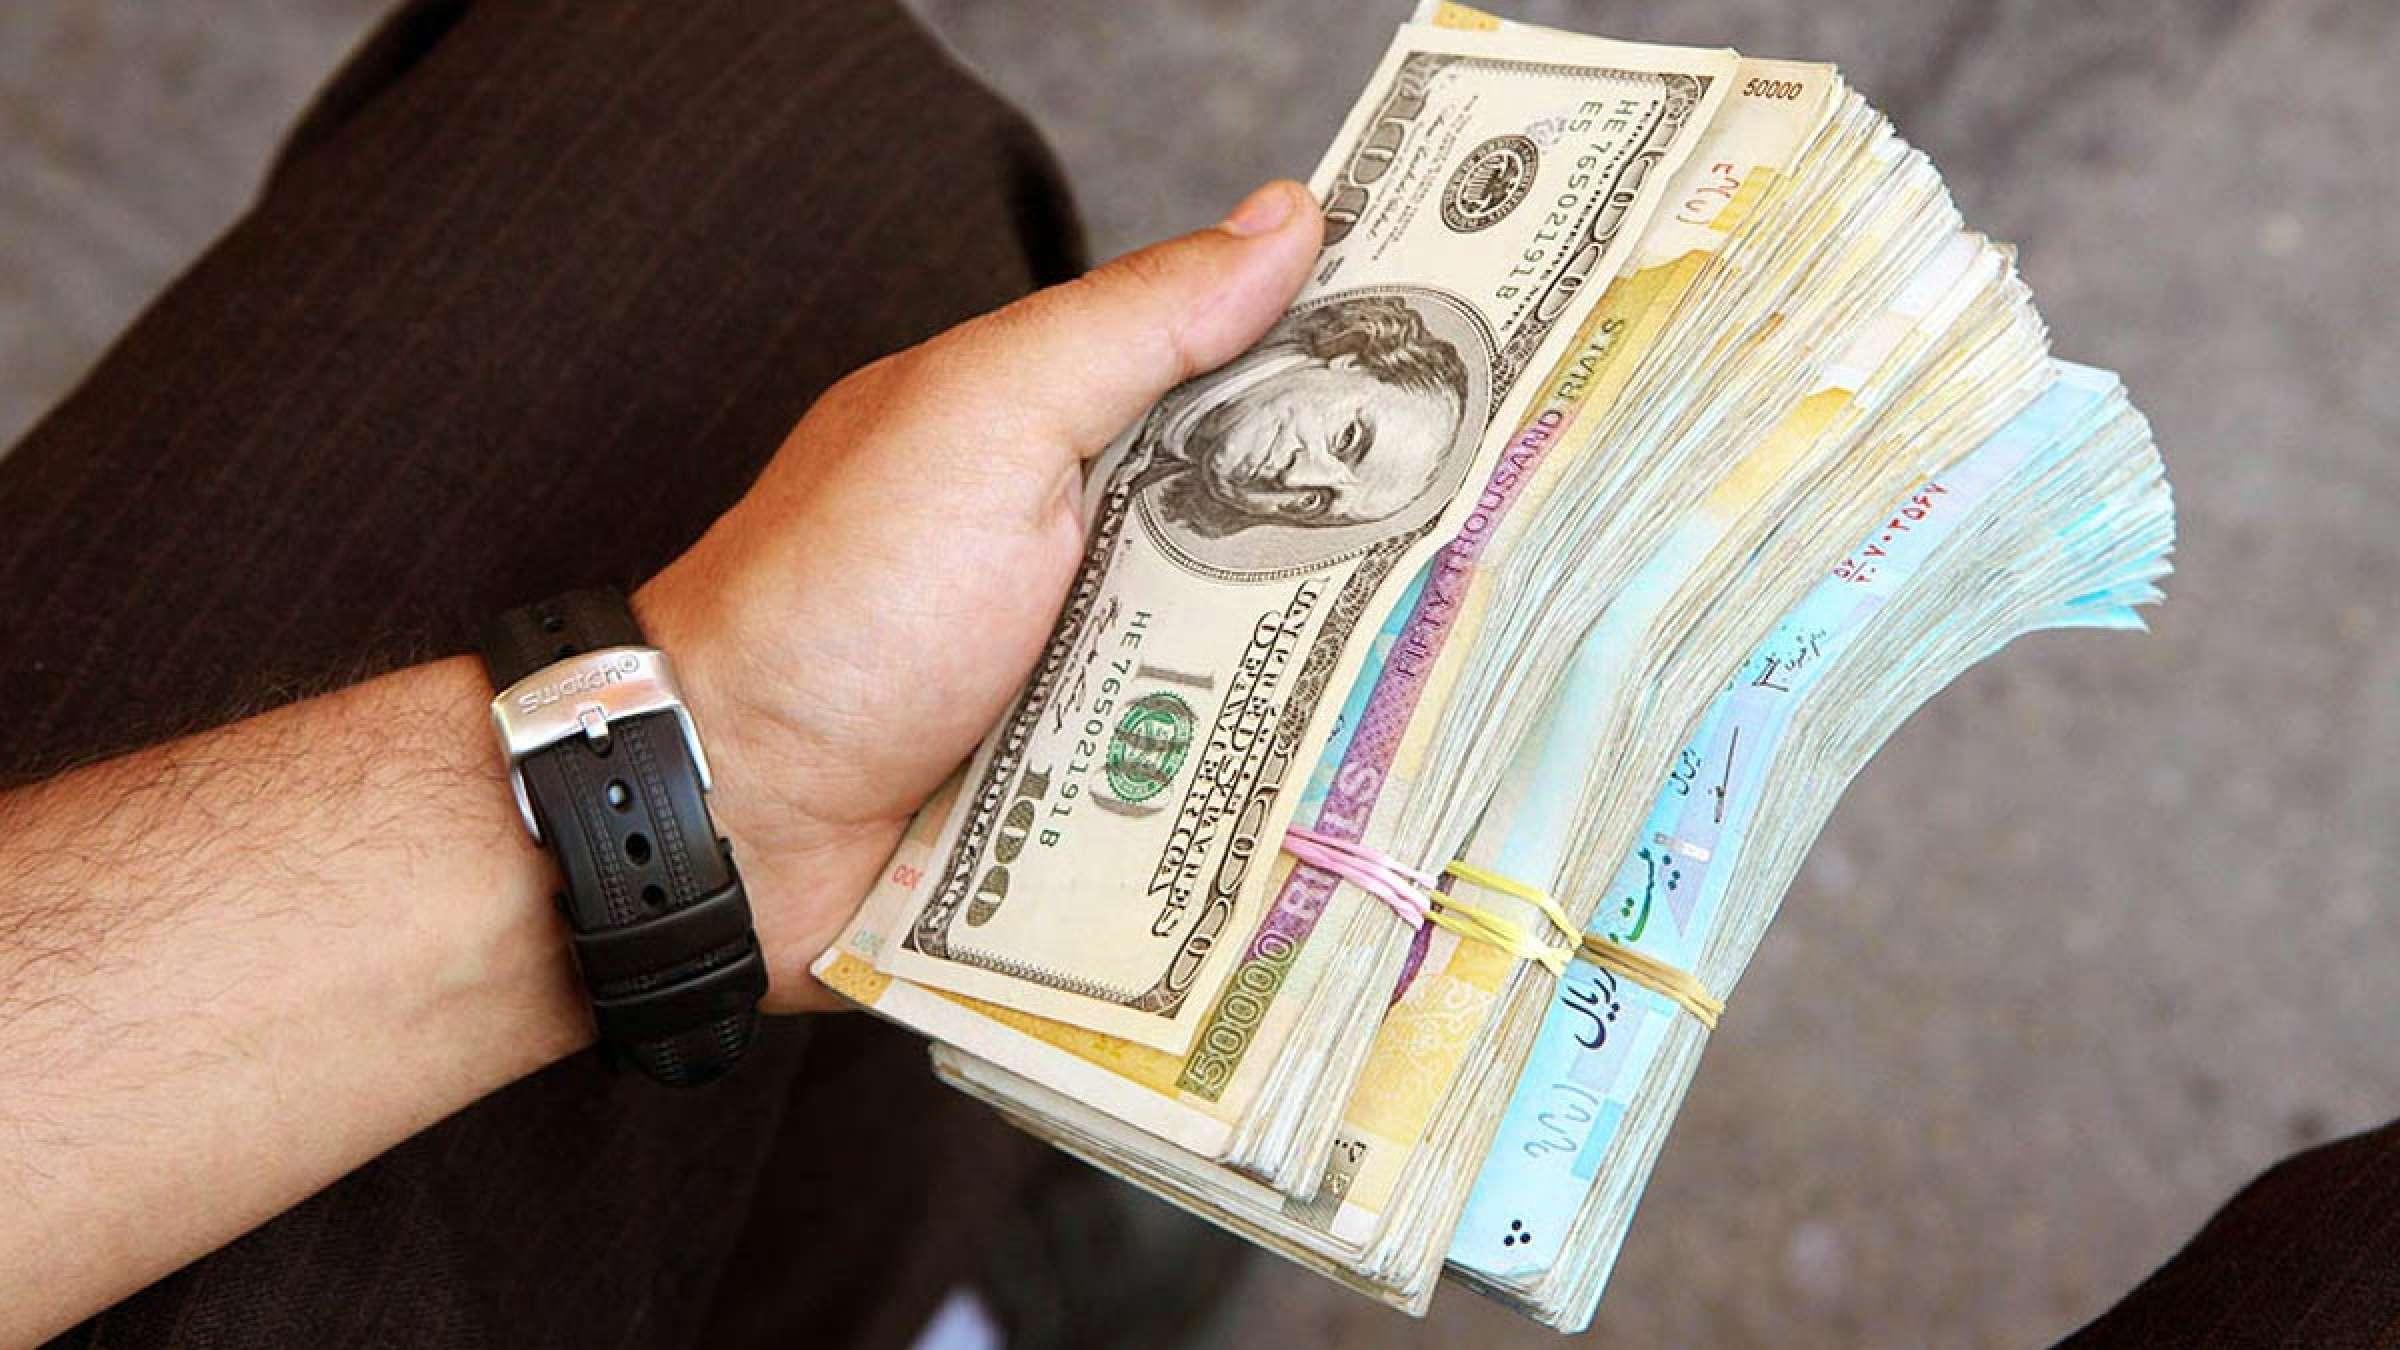 اخبار-ایران-آیا-روال-بحران-و-افزایش-نرخ-ارز-در-ایران-ادامه-خواهد-داشت-چه-باید-کرد